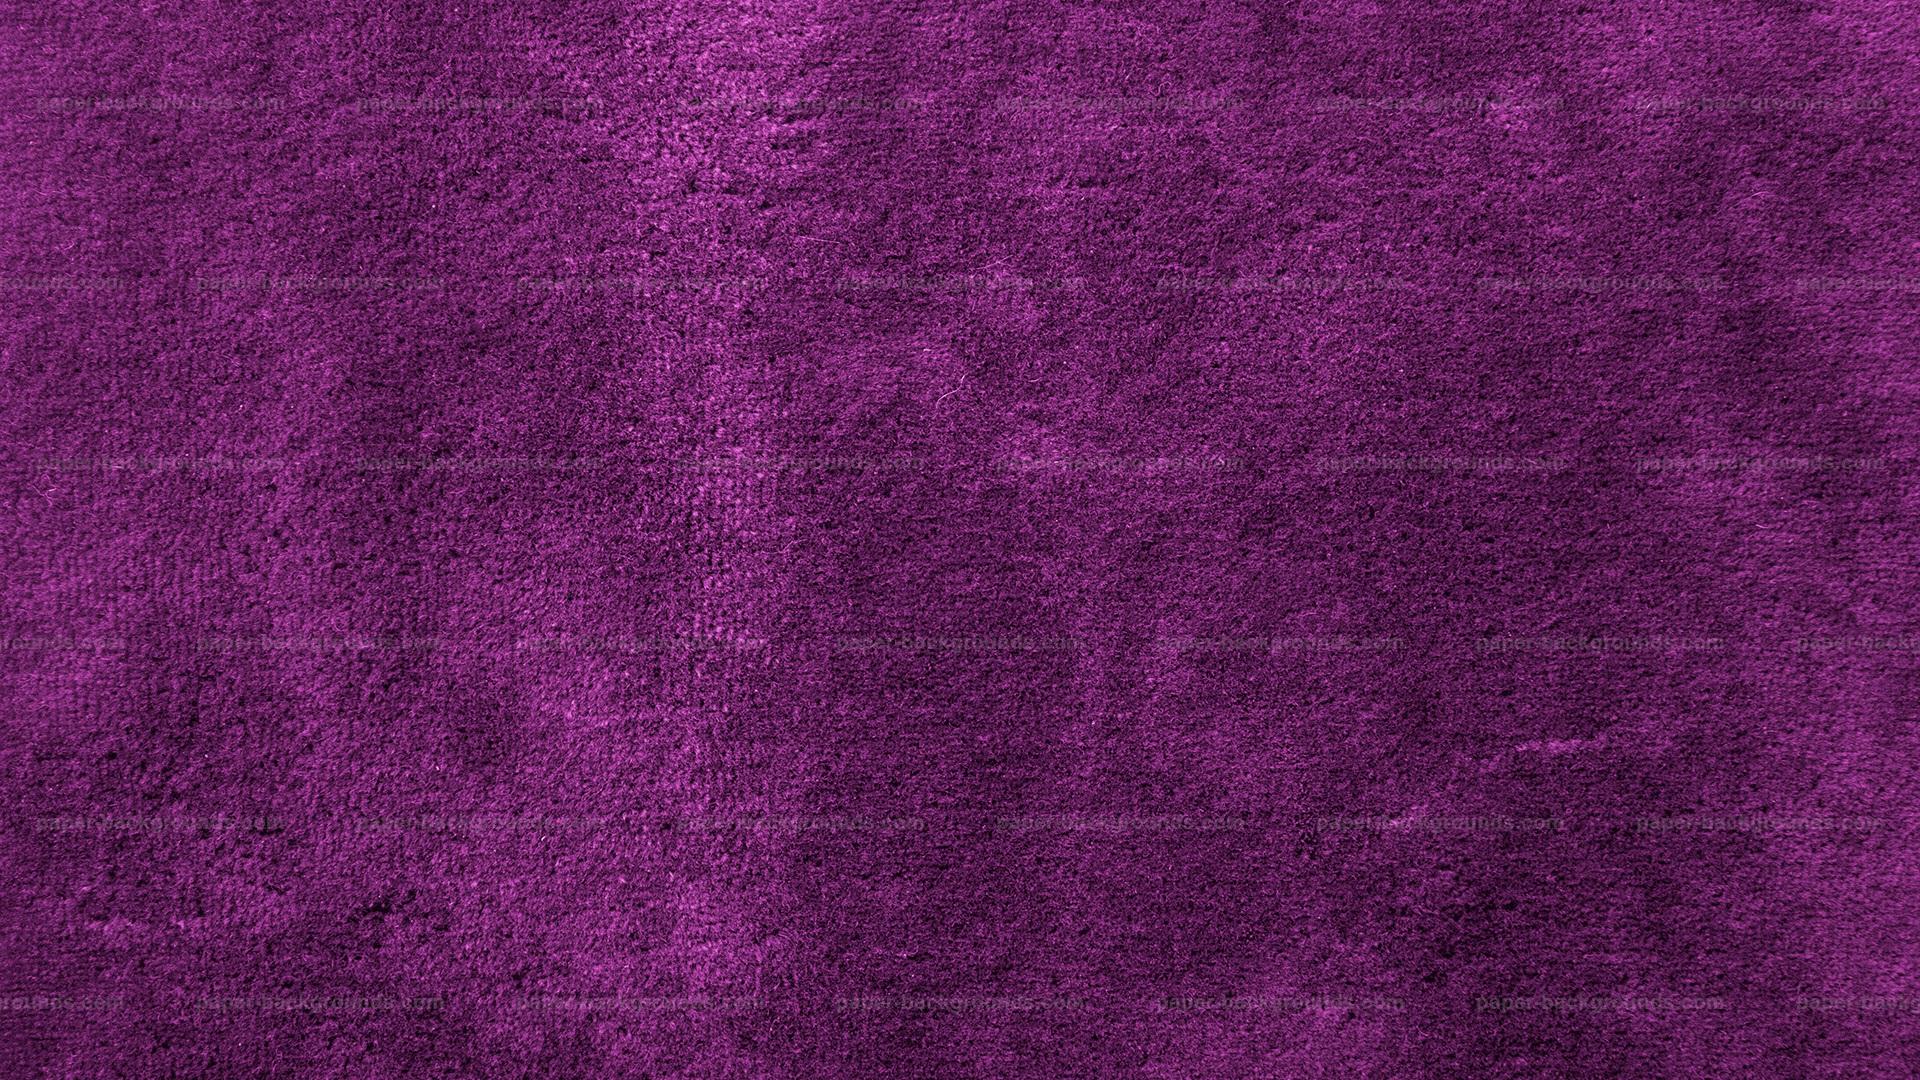 43 Purple Velvet Wallpaper On Wallpapersafari